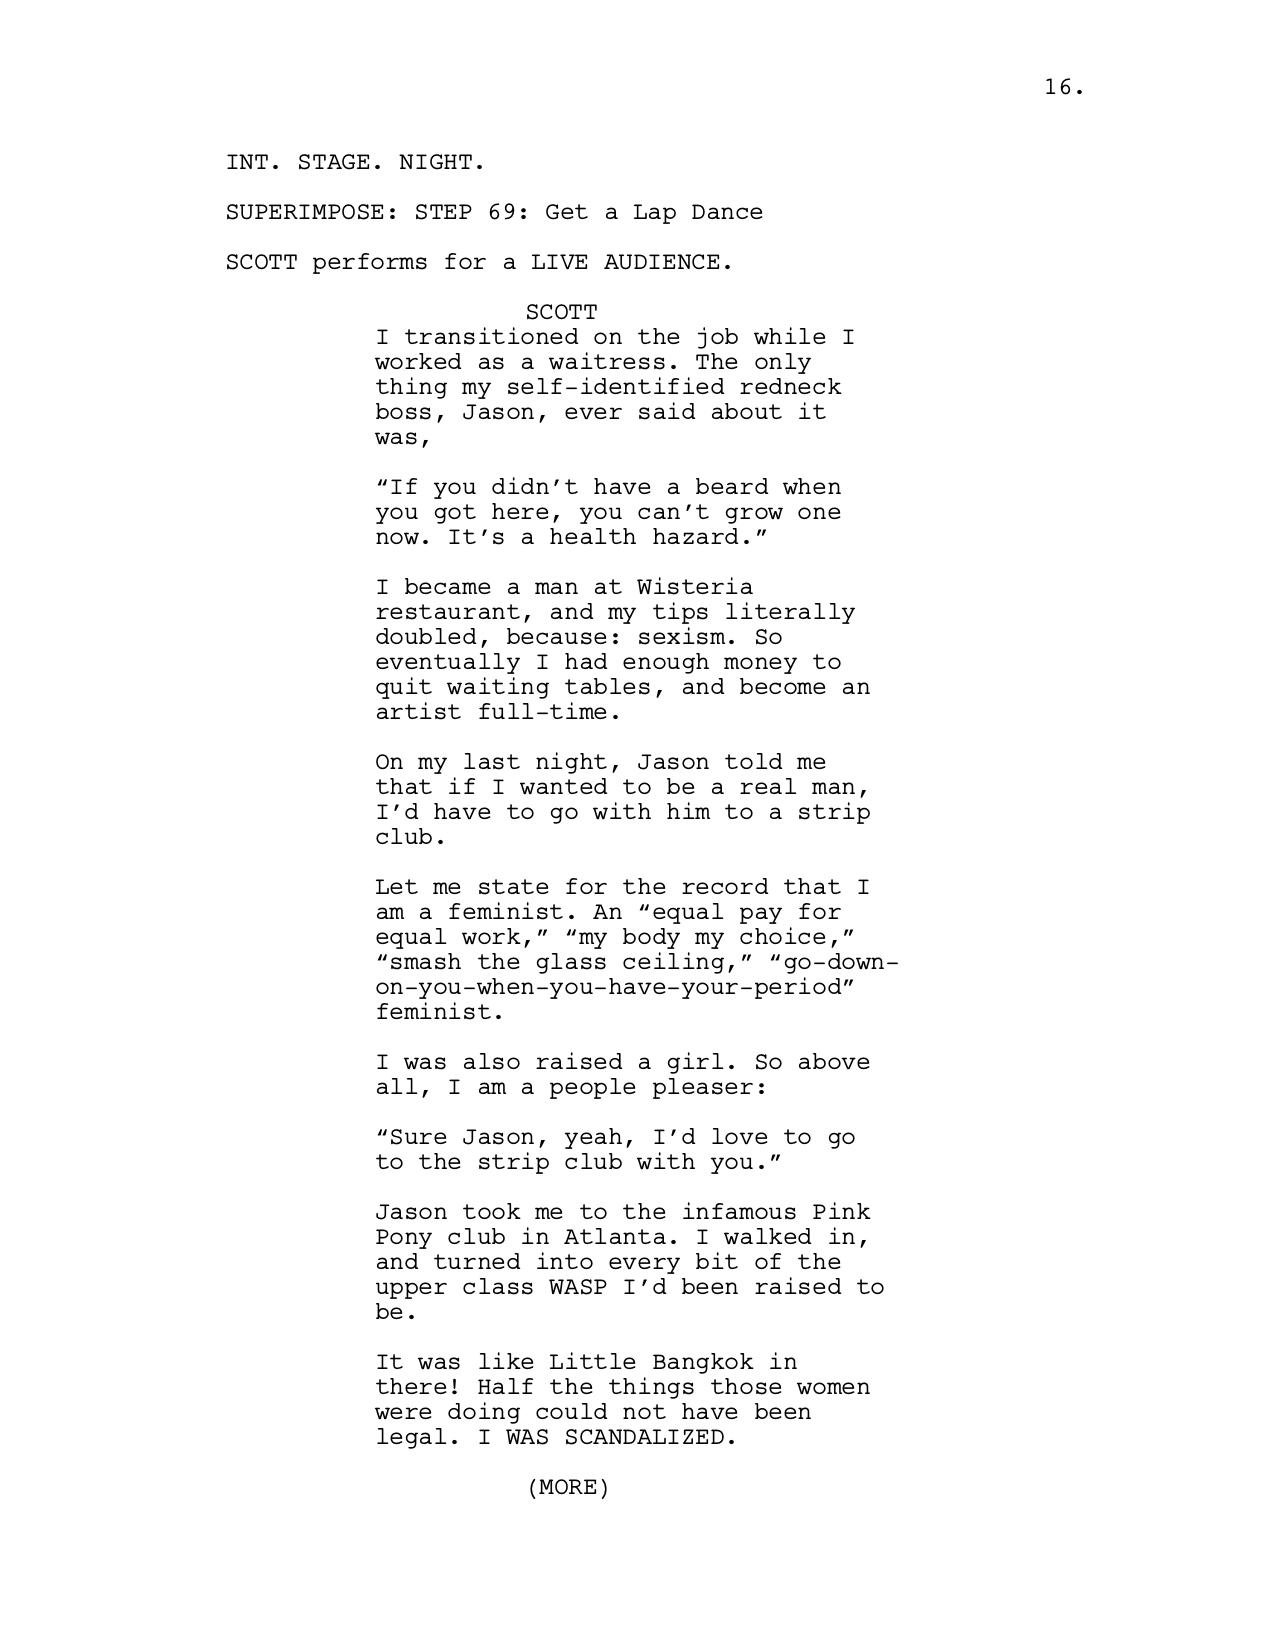 pg 16.jpg